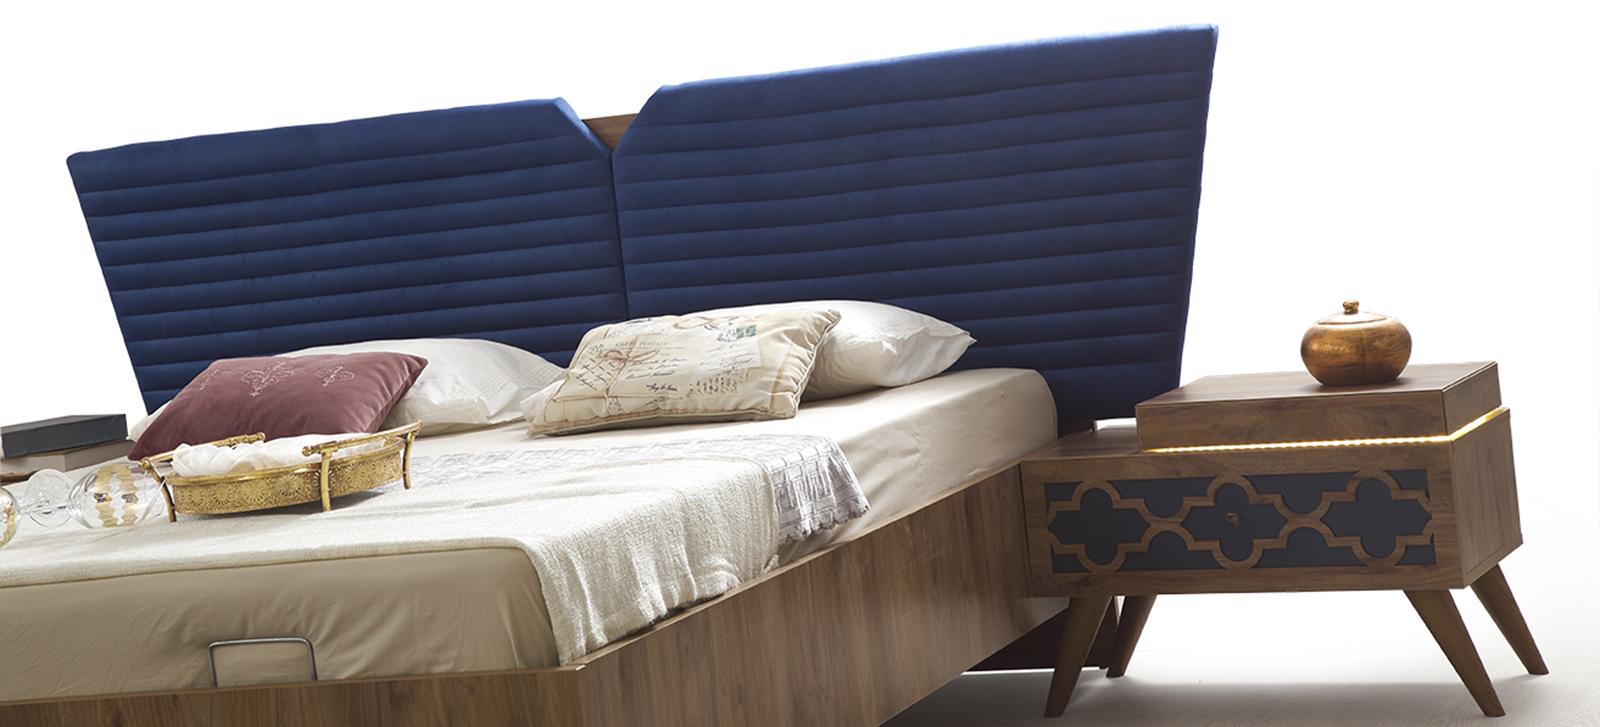 كومودينو و سرير باللون البني و الكحلي